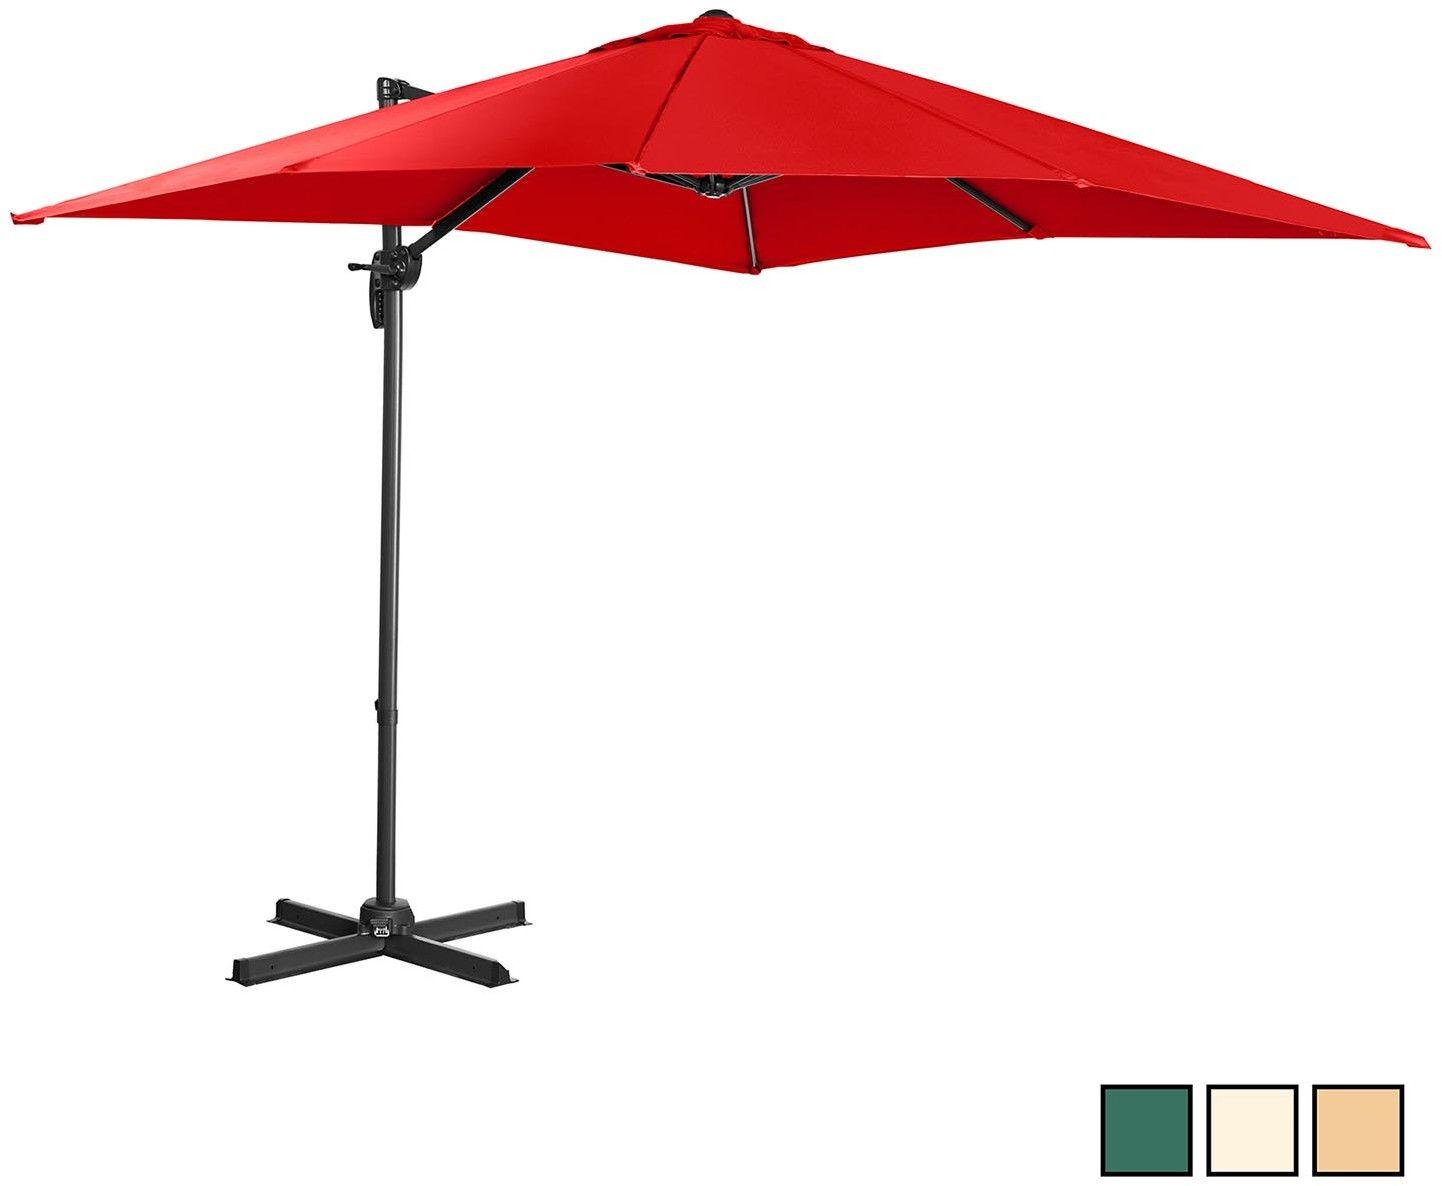 Parasol ogrodowy wiszący - obrotowy - 250 x 250 cm - czerwony - Singercon - CON.GU-R250A - 3 lata gwarancji/wysyłka w 24h